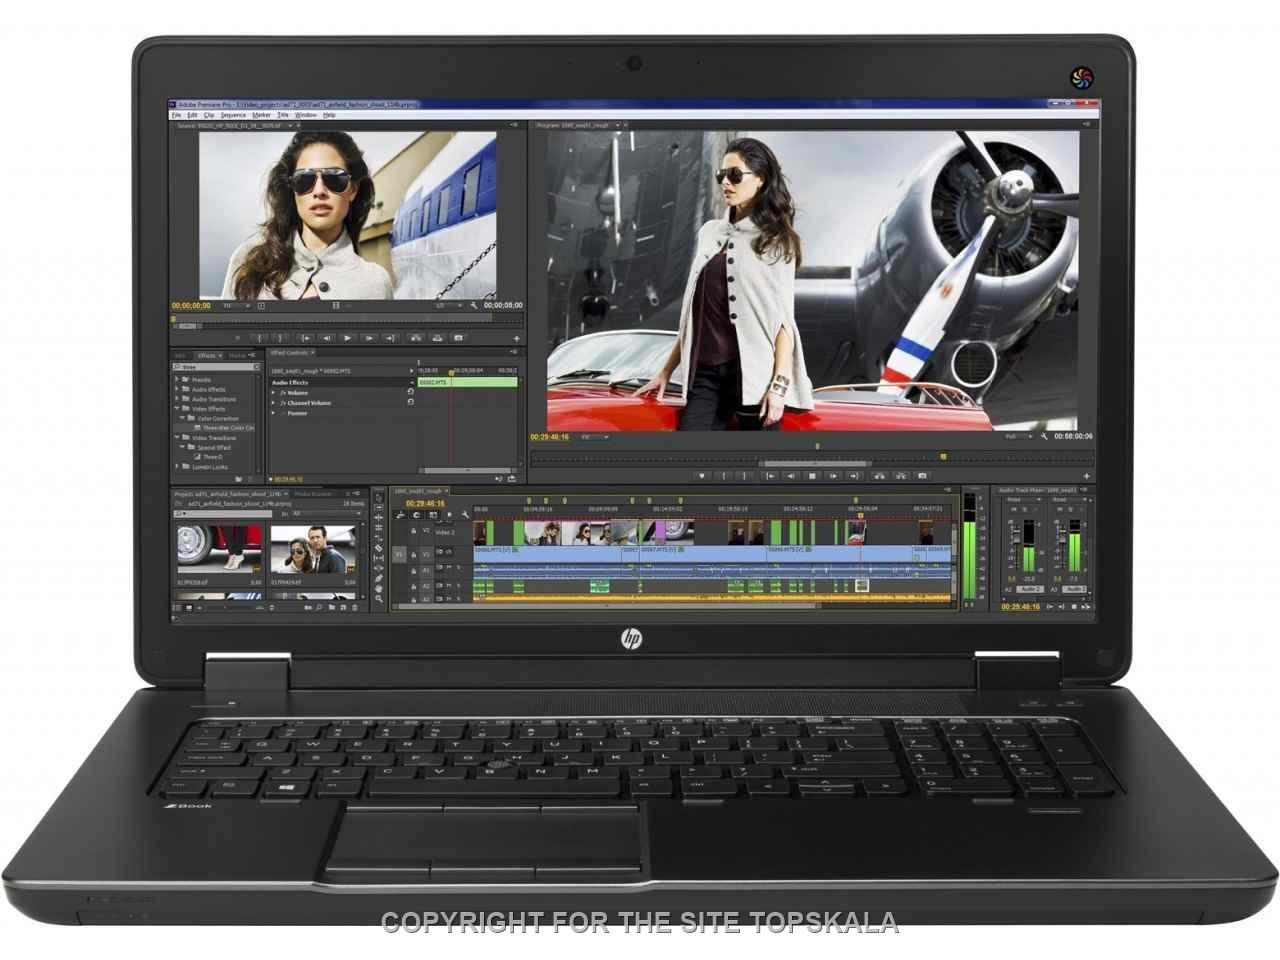 لپ تاپ استوک hp مدل ZBOOK 17 G2 با مشخصات i7-32GB-512GB-SSD-1TB-HDD-8GB-nVidia-Quadro-K5100